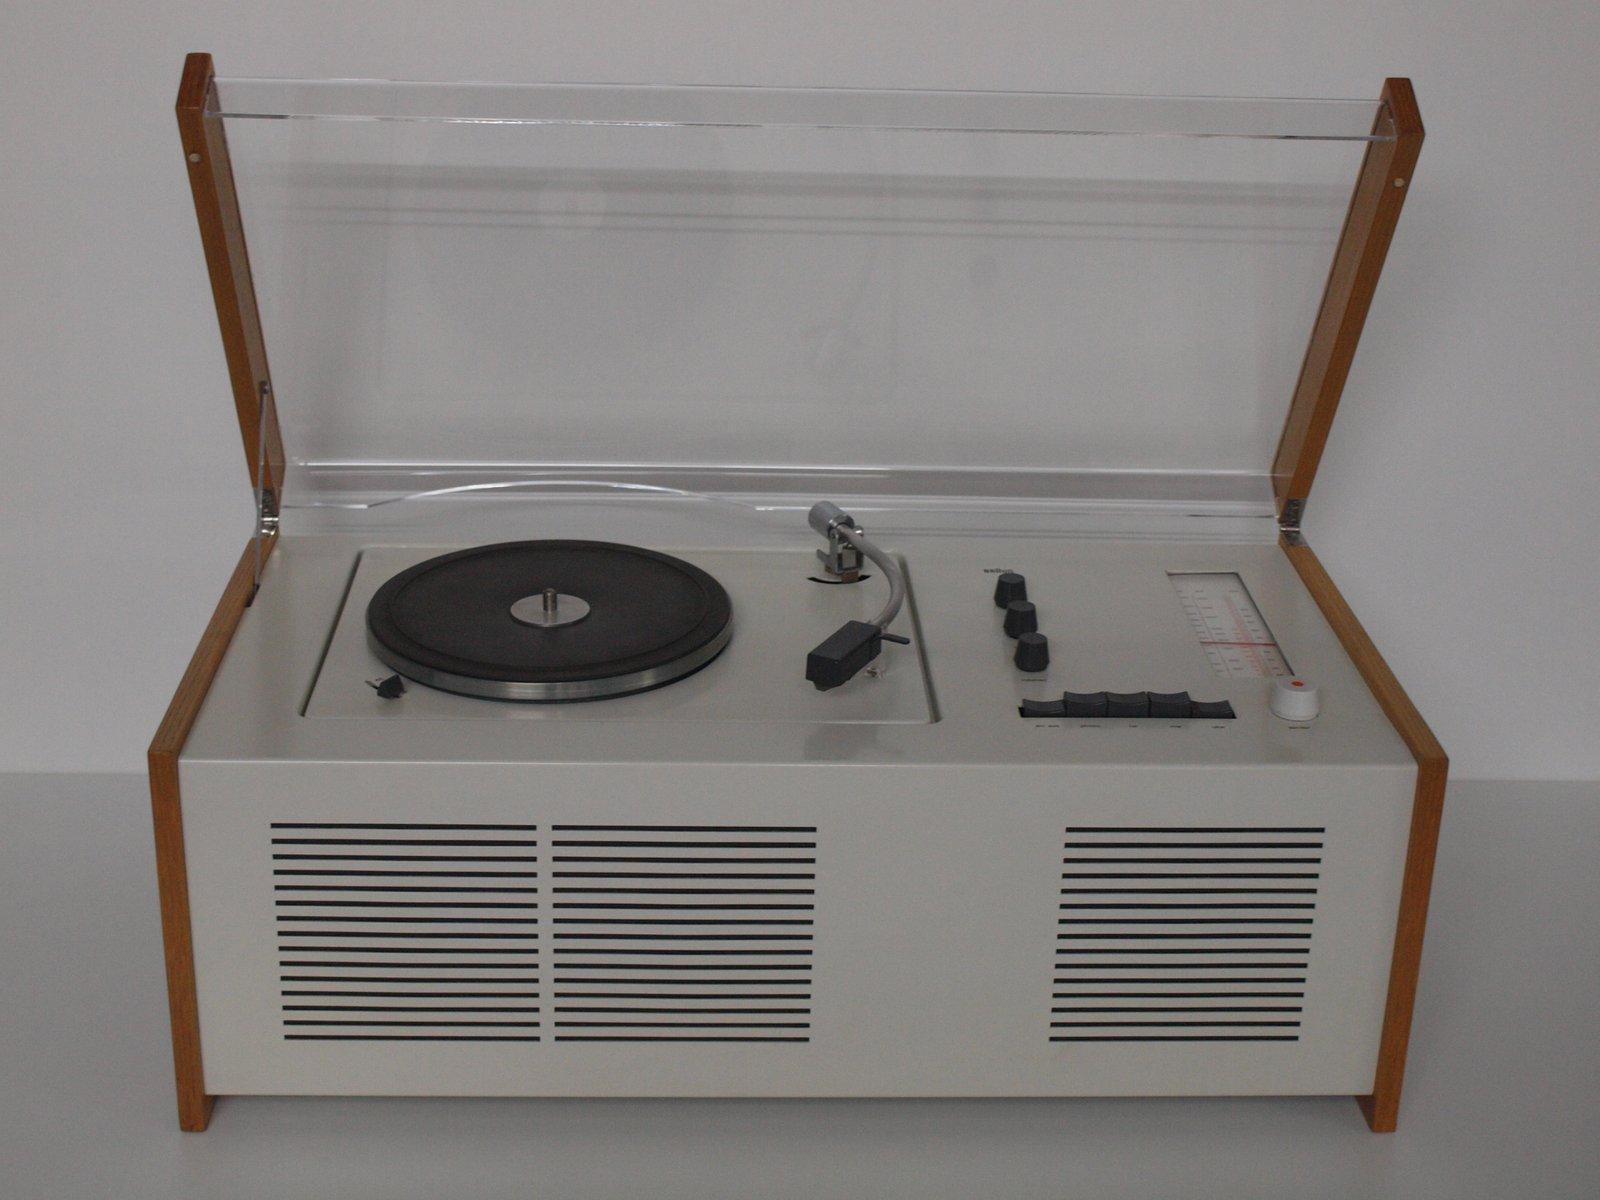 phonosuper sk55 radio mit plattenspieler von dieter rams f r braun ag 1963 bei pamono kaufen. Black Bedroom Furniture Sets. Home Design Ideas